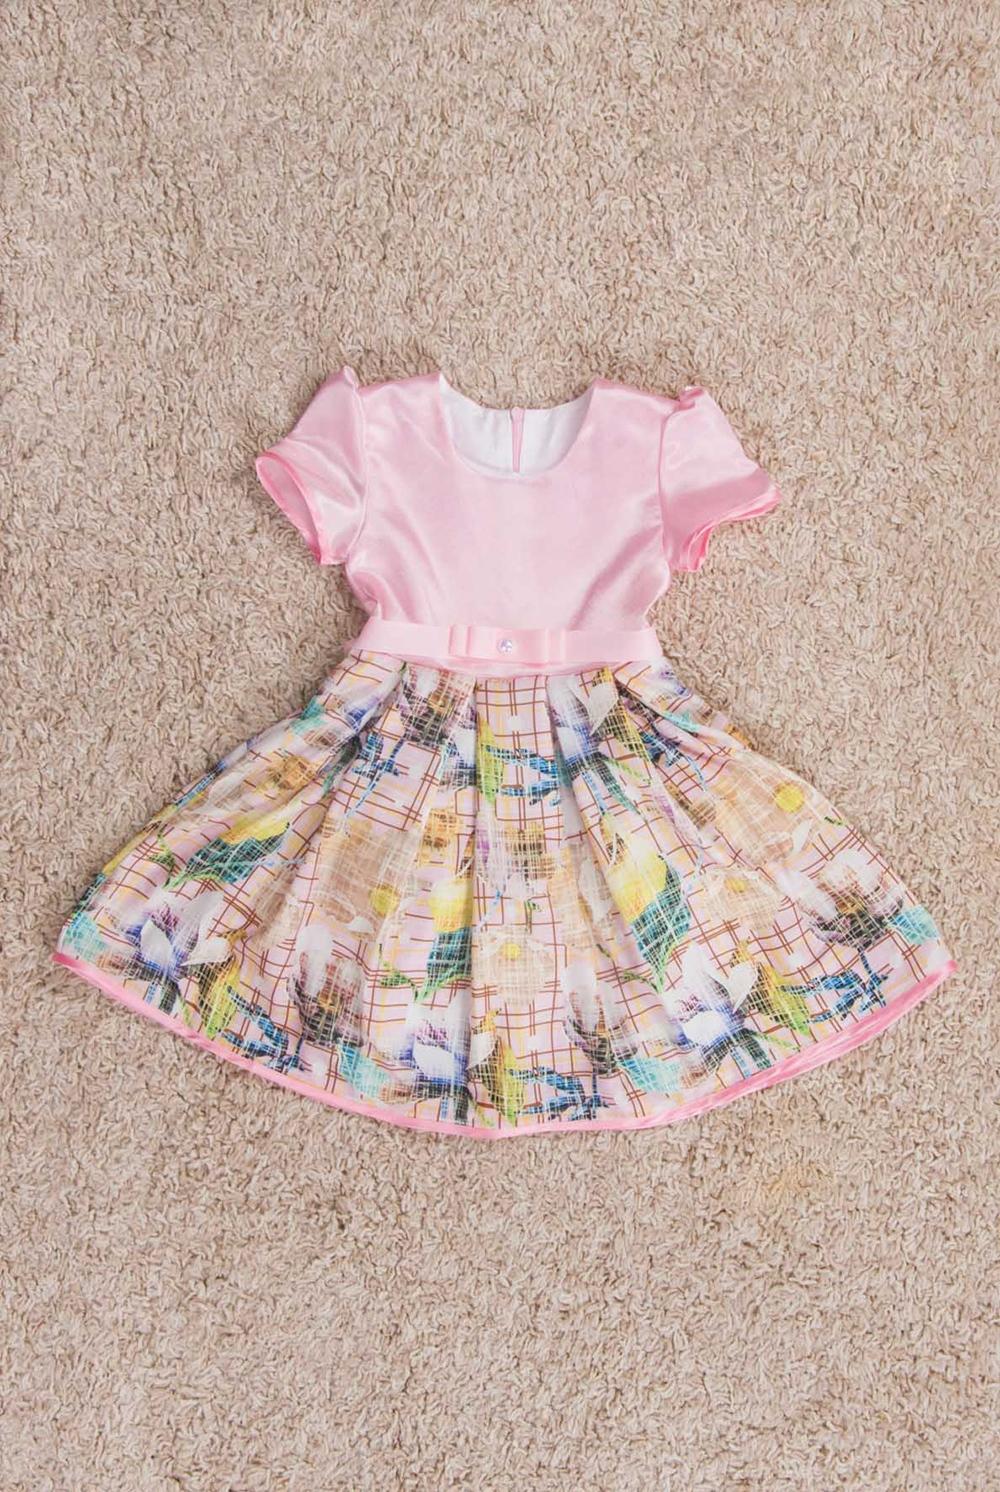 ПлатьеПлатья<br>Фигурное платье. Лиф из атласа, юбка из атлас-шелка c с цветочным принтом. По юбке заложены встречные складки, которые создают невероятный объем, а за счет вшитого между подкладой и основной тканью фатина, юбка отлично держит форму. Рукава и низ платья окантованы контрастной атласной бейкой. Подклада лифа - хлопок.  В изделии использованы цвета: розовый и др.  Размер 74 соответствует росту 70-73 см Размер 80 соответствует росту 74-80 см Размер 86 соответствует росту 81-86 см Размер 92 соответствует росту 87-92 см Размер 98 соответствует росту 93-98 см Размер 104 соответствует росту 98-104 см Размер 110 соответствует росту 105-110 см Размер 116 соответствует росту 111-116 см Размер 122 соответствует росту 117-122 см Размер 128 соответствует росту 123-128 см Размер 134 соответствует росту 129-134 см Размер 140 соответствует росту 135-140 см Размер 146 соответствует росту 141-146 см Размер 152 соответствует росту 147-152 см Размер 158 соответствует росту 153-158 см Размер 164 соответствует росту 159-164 см Размер 170 соответствует росту 165-170 см<br><br>Горловина: С- горловина<br>По возрасту: Ясельные ( от 1 до 3 лет),Дошкольные ( от 3 до 7 лет),Школьные ( от 7 до 13 лет)<br>По длине: Миди<br>По материалу: Атласные<br>По образу: Выпускной,Торжество<br>По рисунку: Растительные мотивы,С принтом (печатью),Цветные,Цветочные<br>По сезону: Весна,Зима,Лето,Осень,Всесезон<br>По силуэту: Приталенные<br>По стилю: На выпускной,Нарядные<br>По форме: Трапеция,С завышенной талией<br>По элементам: С декором<br>Рукав: Короткий рукав<br>Размер : 116,146,98<br>Материал: Атлас<br>Количество в наличии: 3